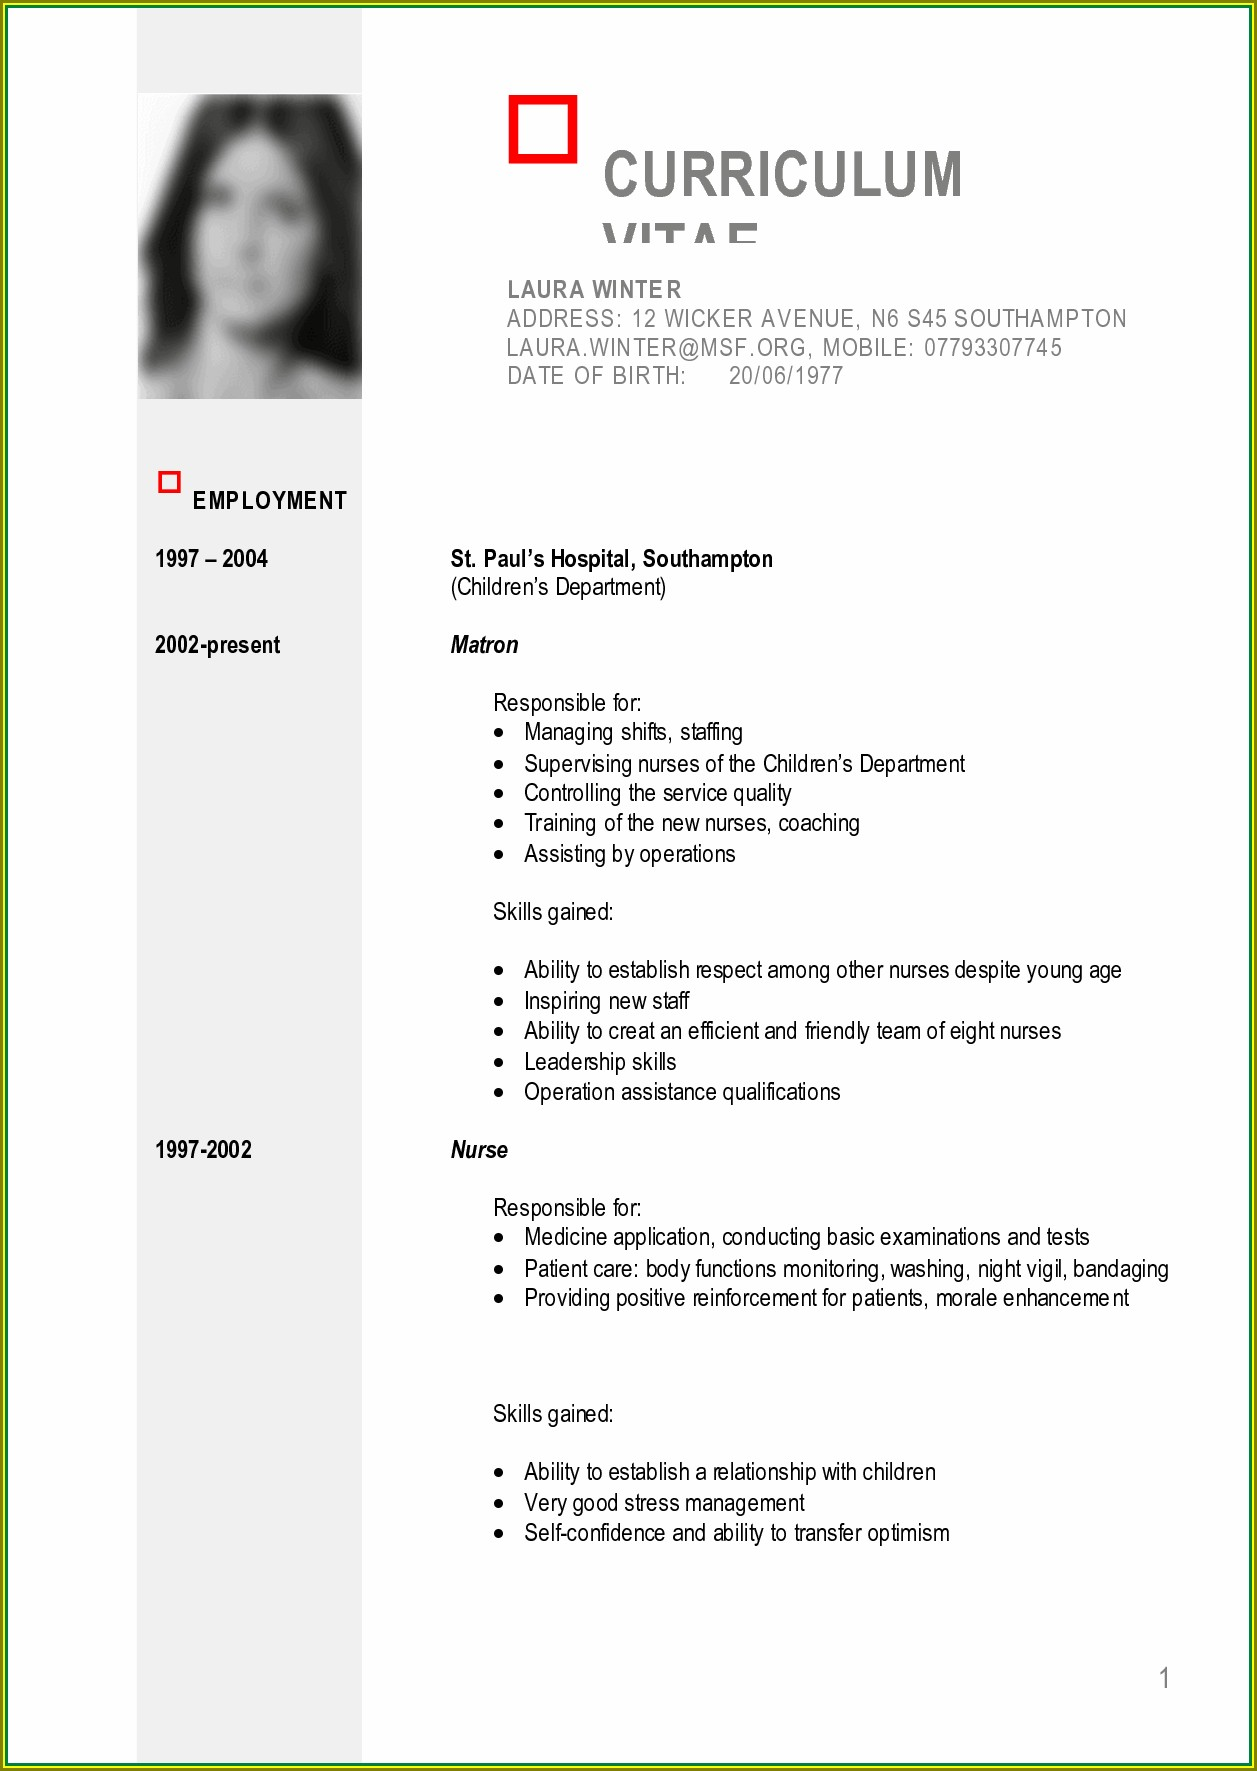 Curriculum Vitae Format Doc File Download